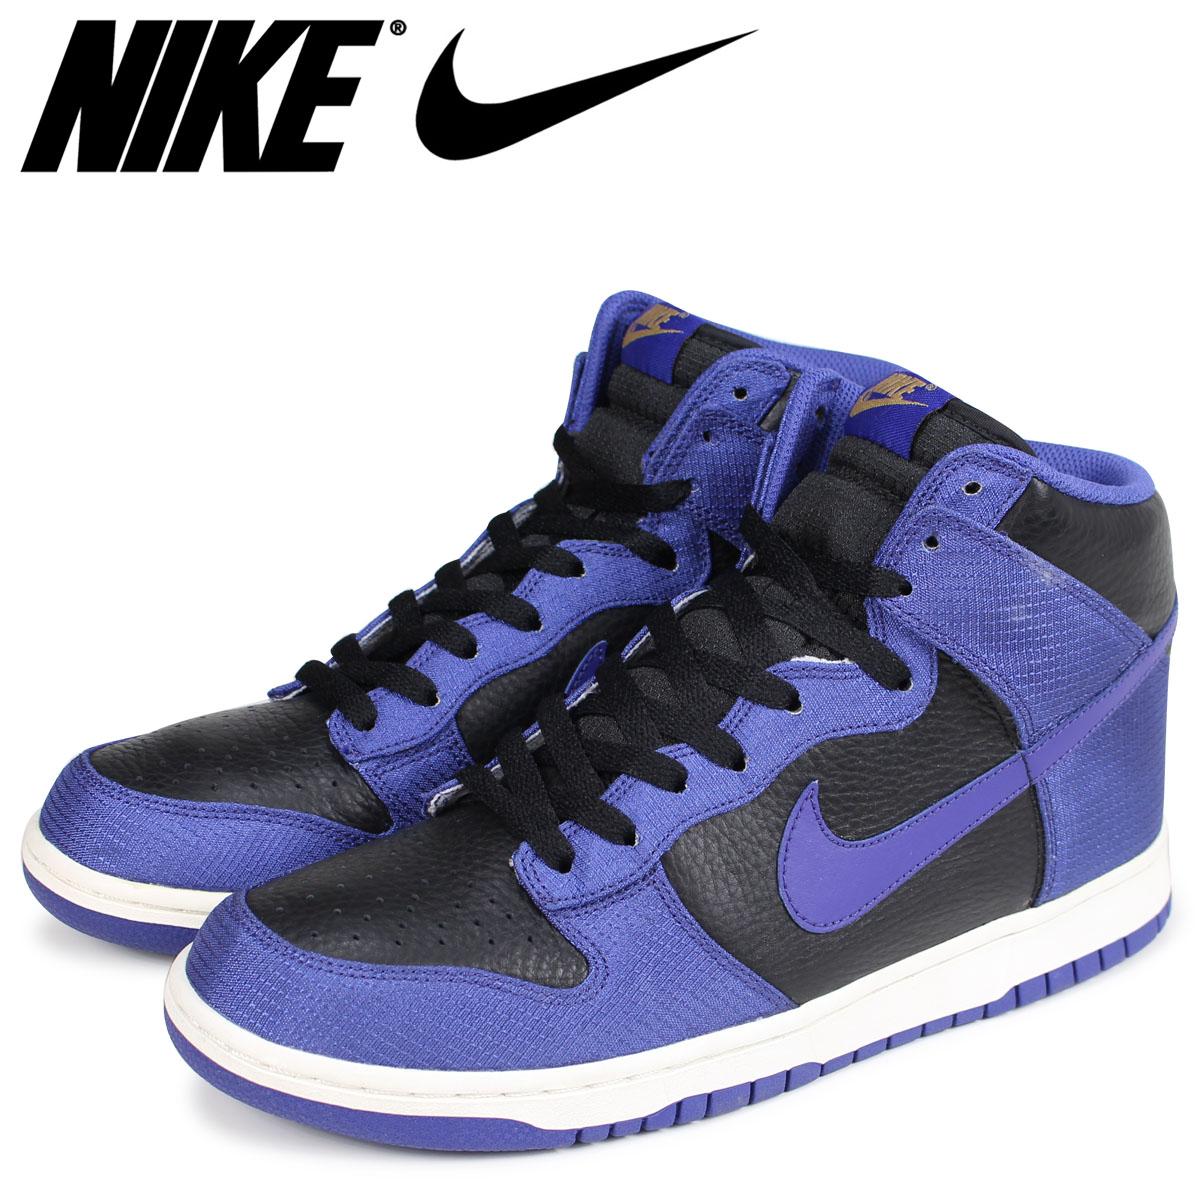 size 40 37aa7 d7b3d NIKE Nike dunk high sneakers men DUNK HIGH 317,982-008 black 616 Shinnyu  load